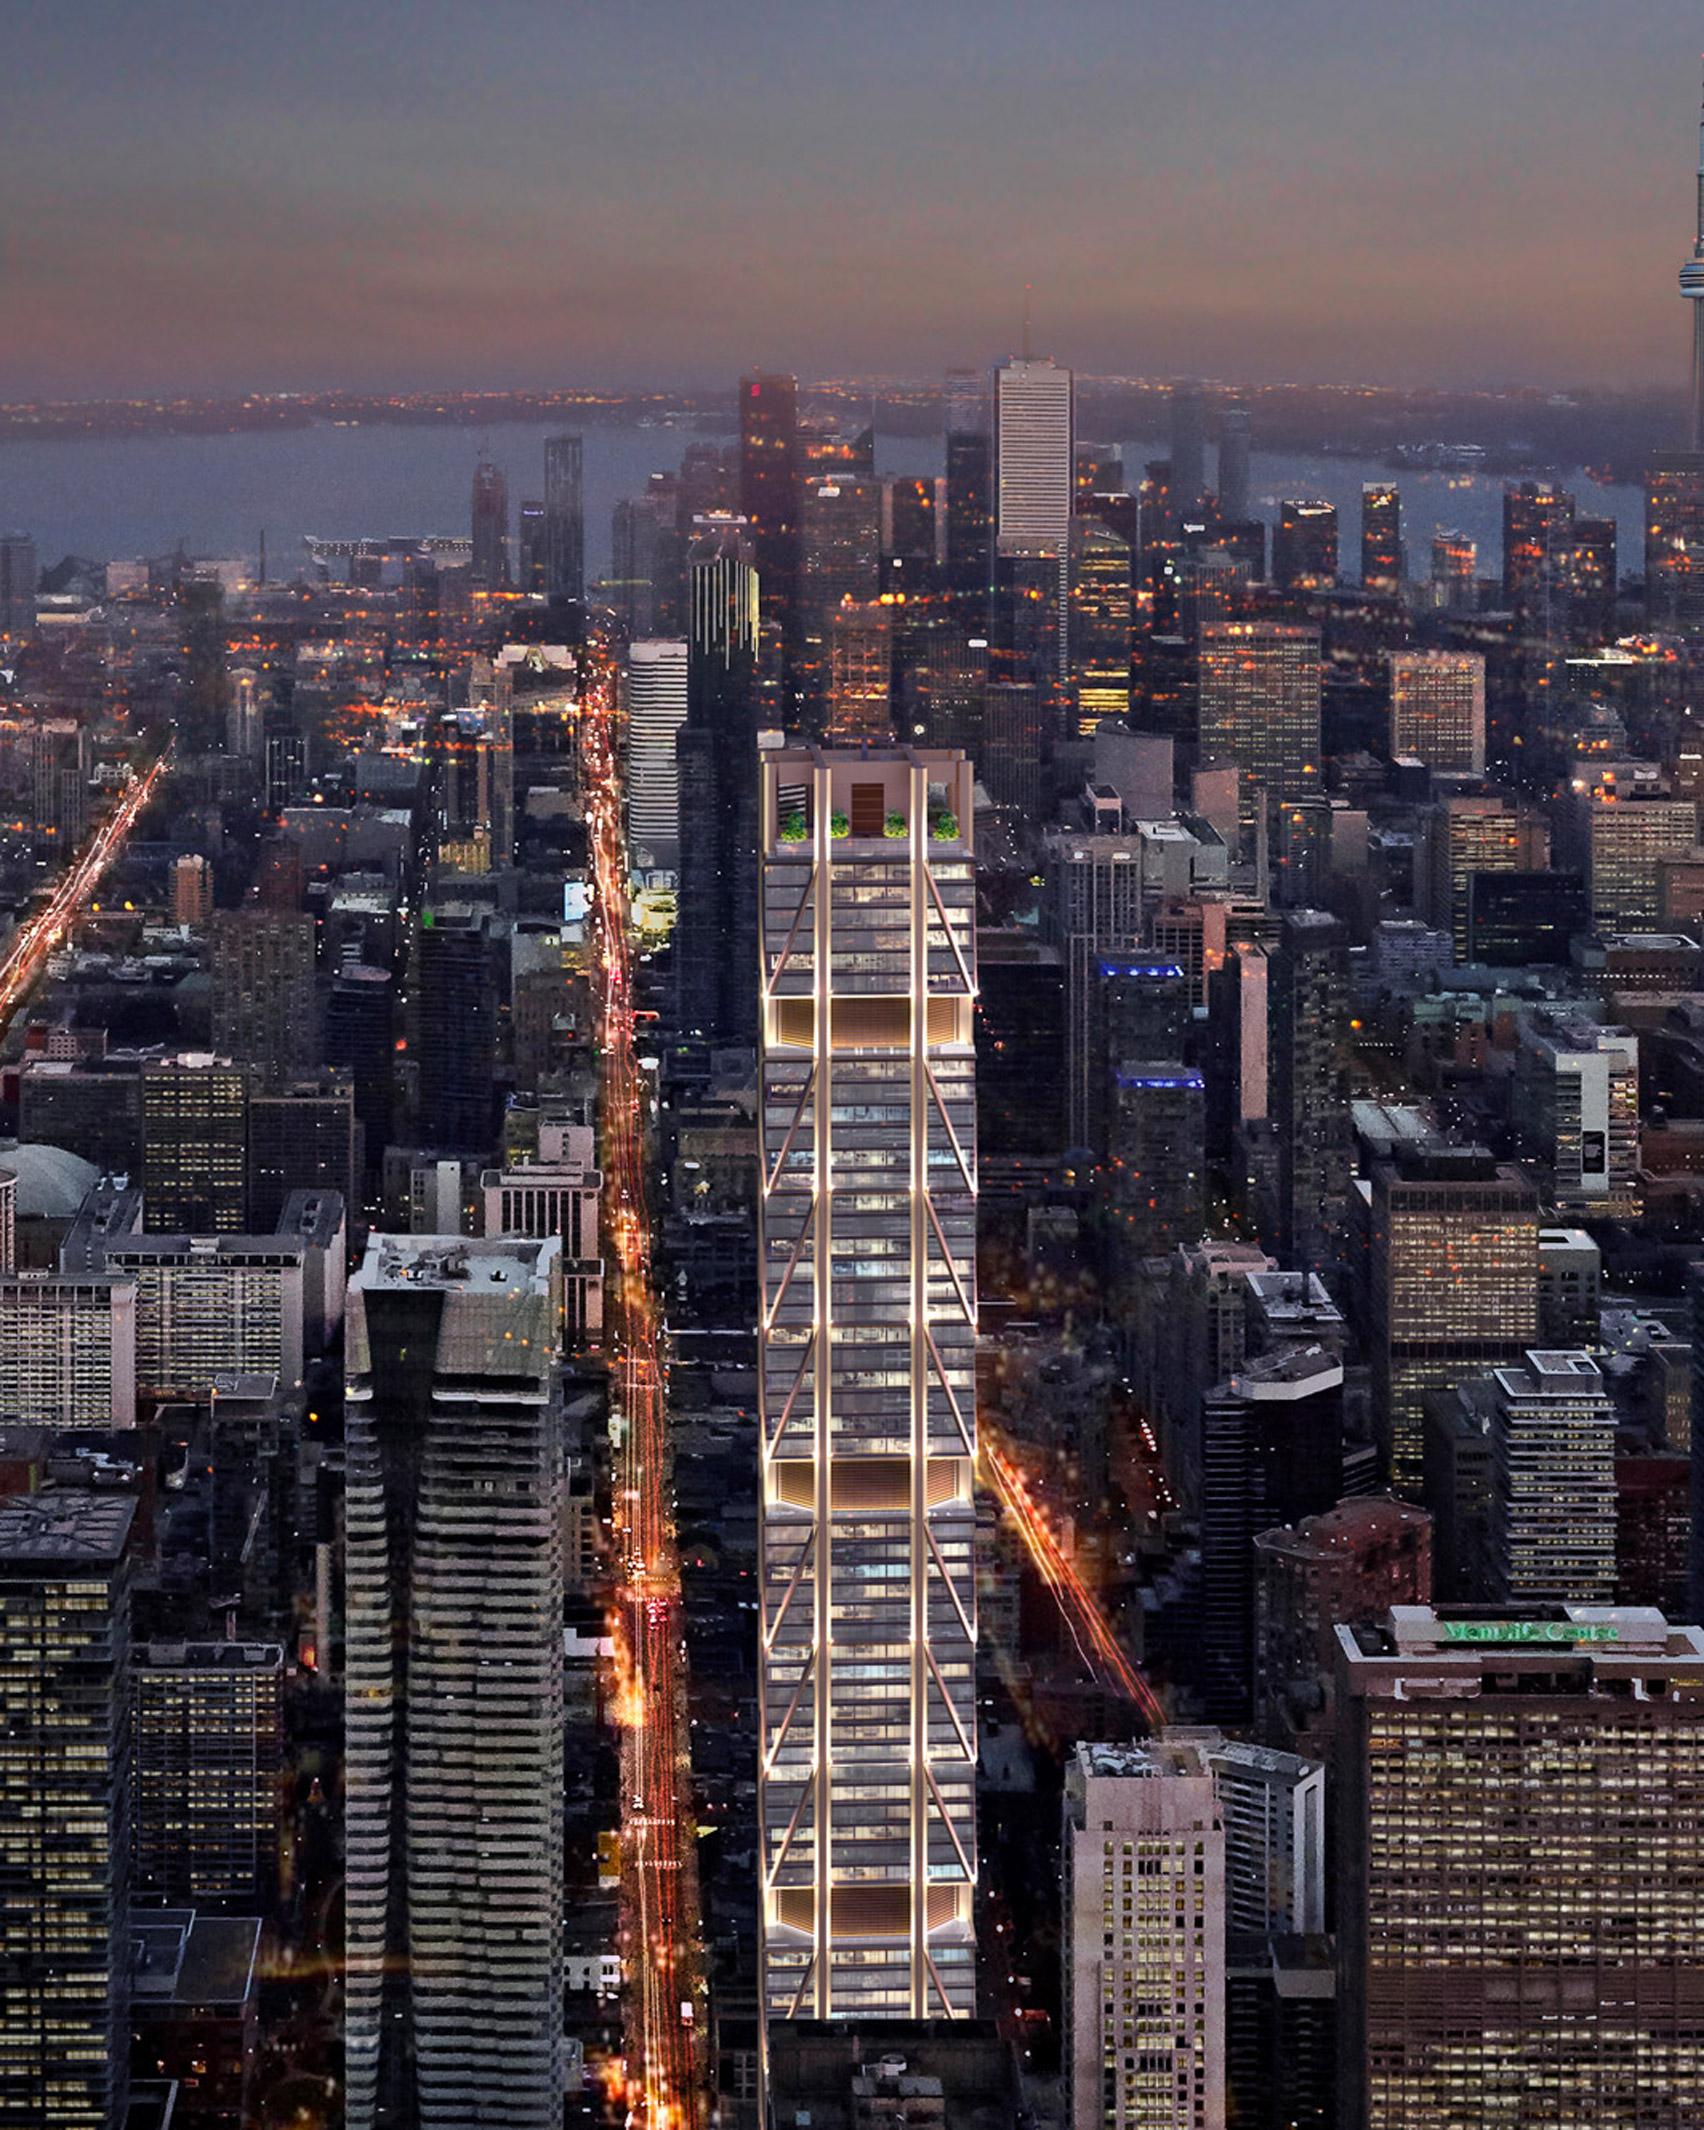 Tíz, hamarosan megépülő szuper felhőkarcoló a világ legismertebb építészeitől